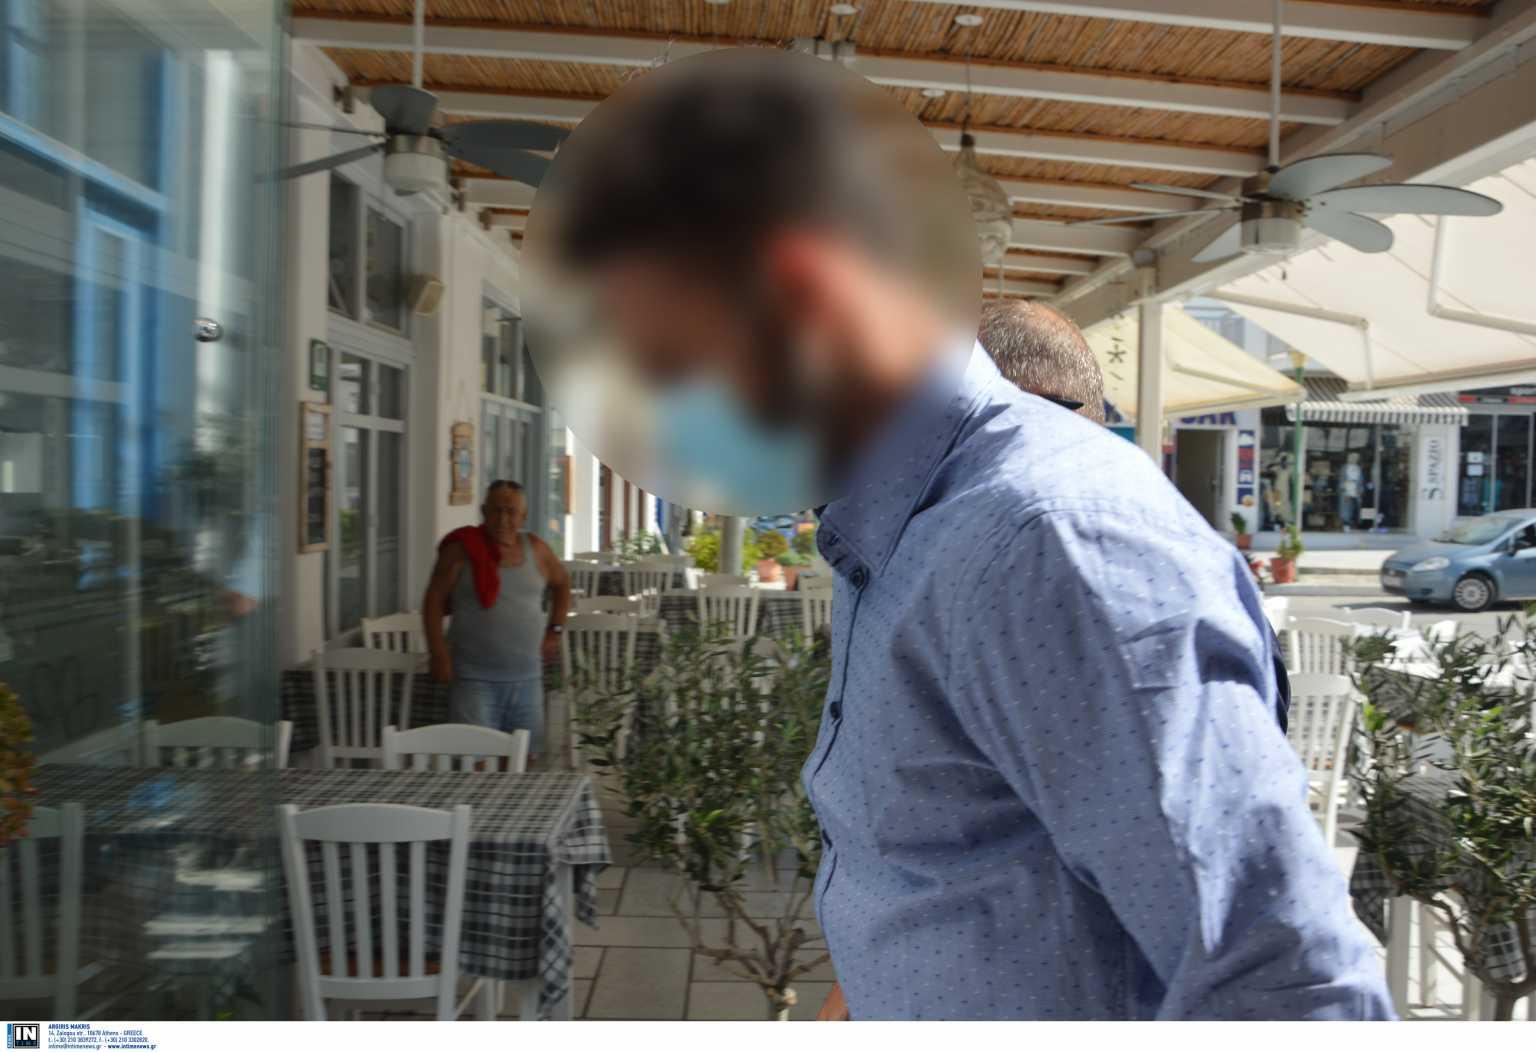 Φολέγανδρος: Αντί για τον ανακριτή, στο κέντρο Υγείας ο δολοφόνος της Γαρυφαλλιάς – Μεταφέρθηκε μέσα στη νύχτα